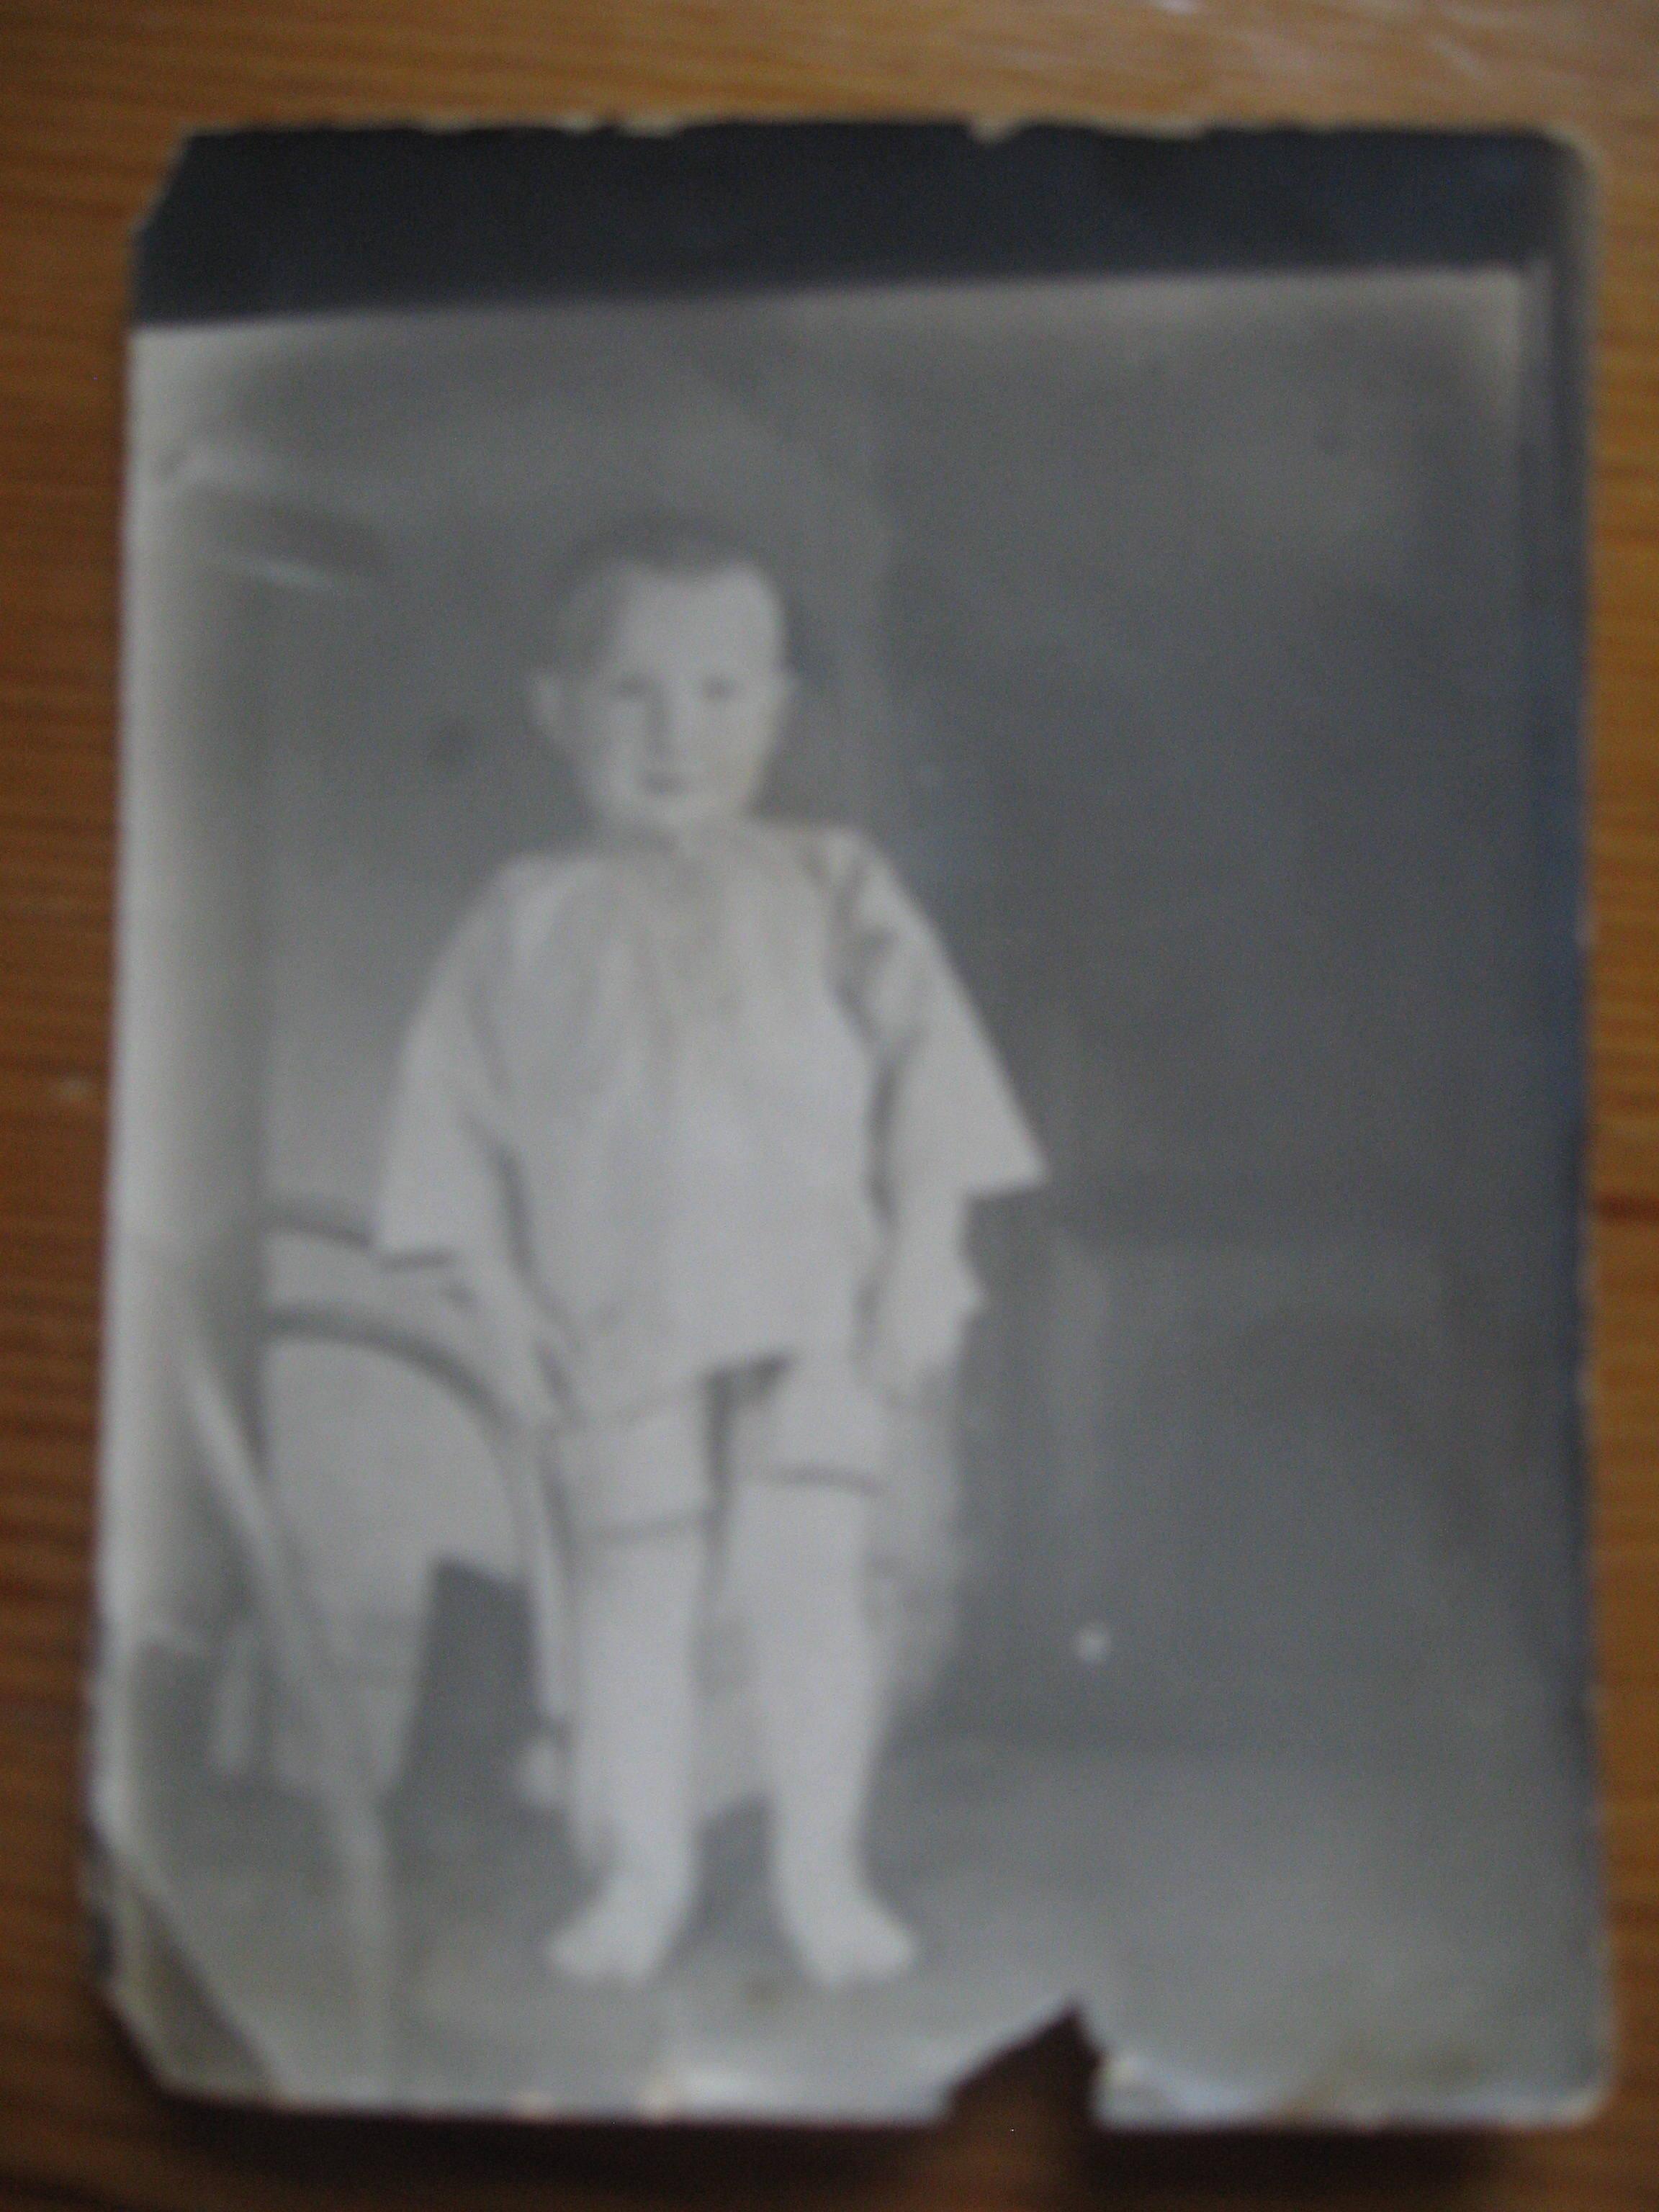 Рассказ для взрослых с дедушкой 31 фотография